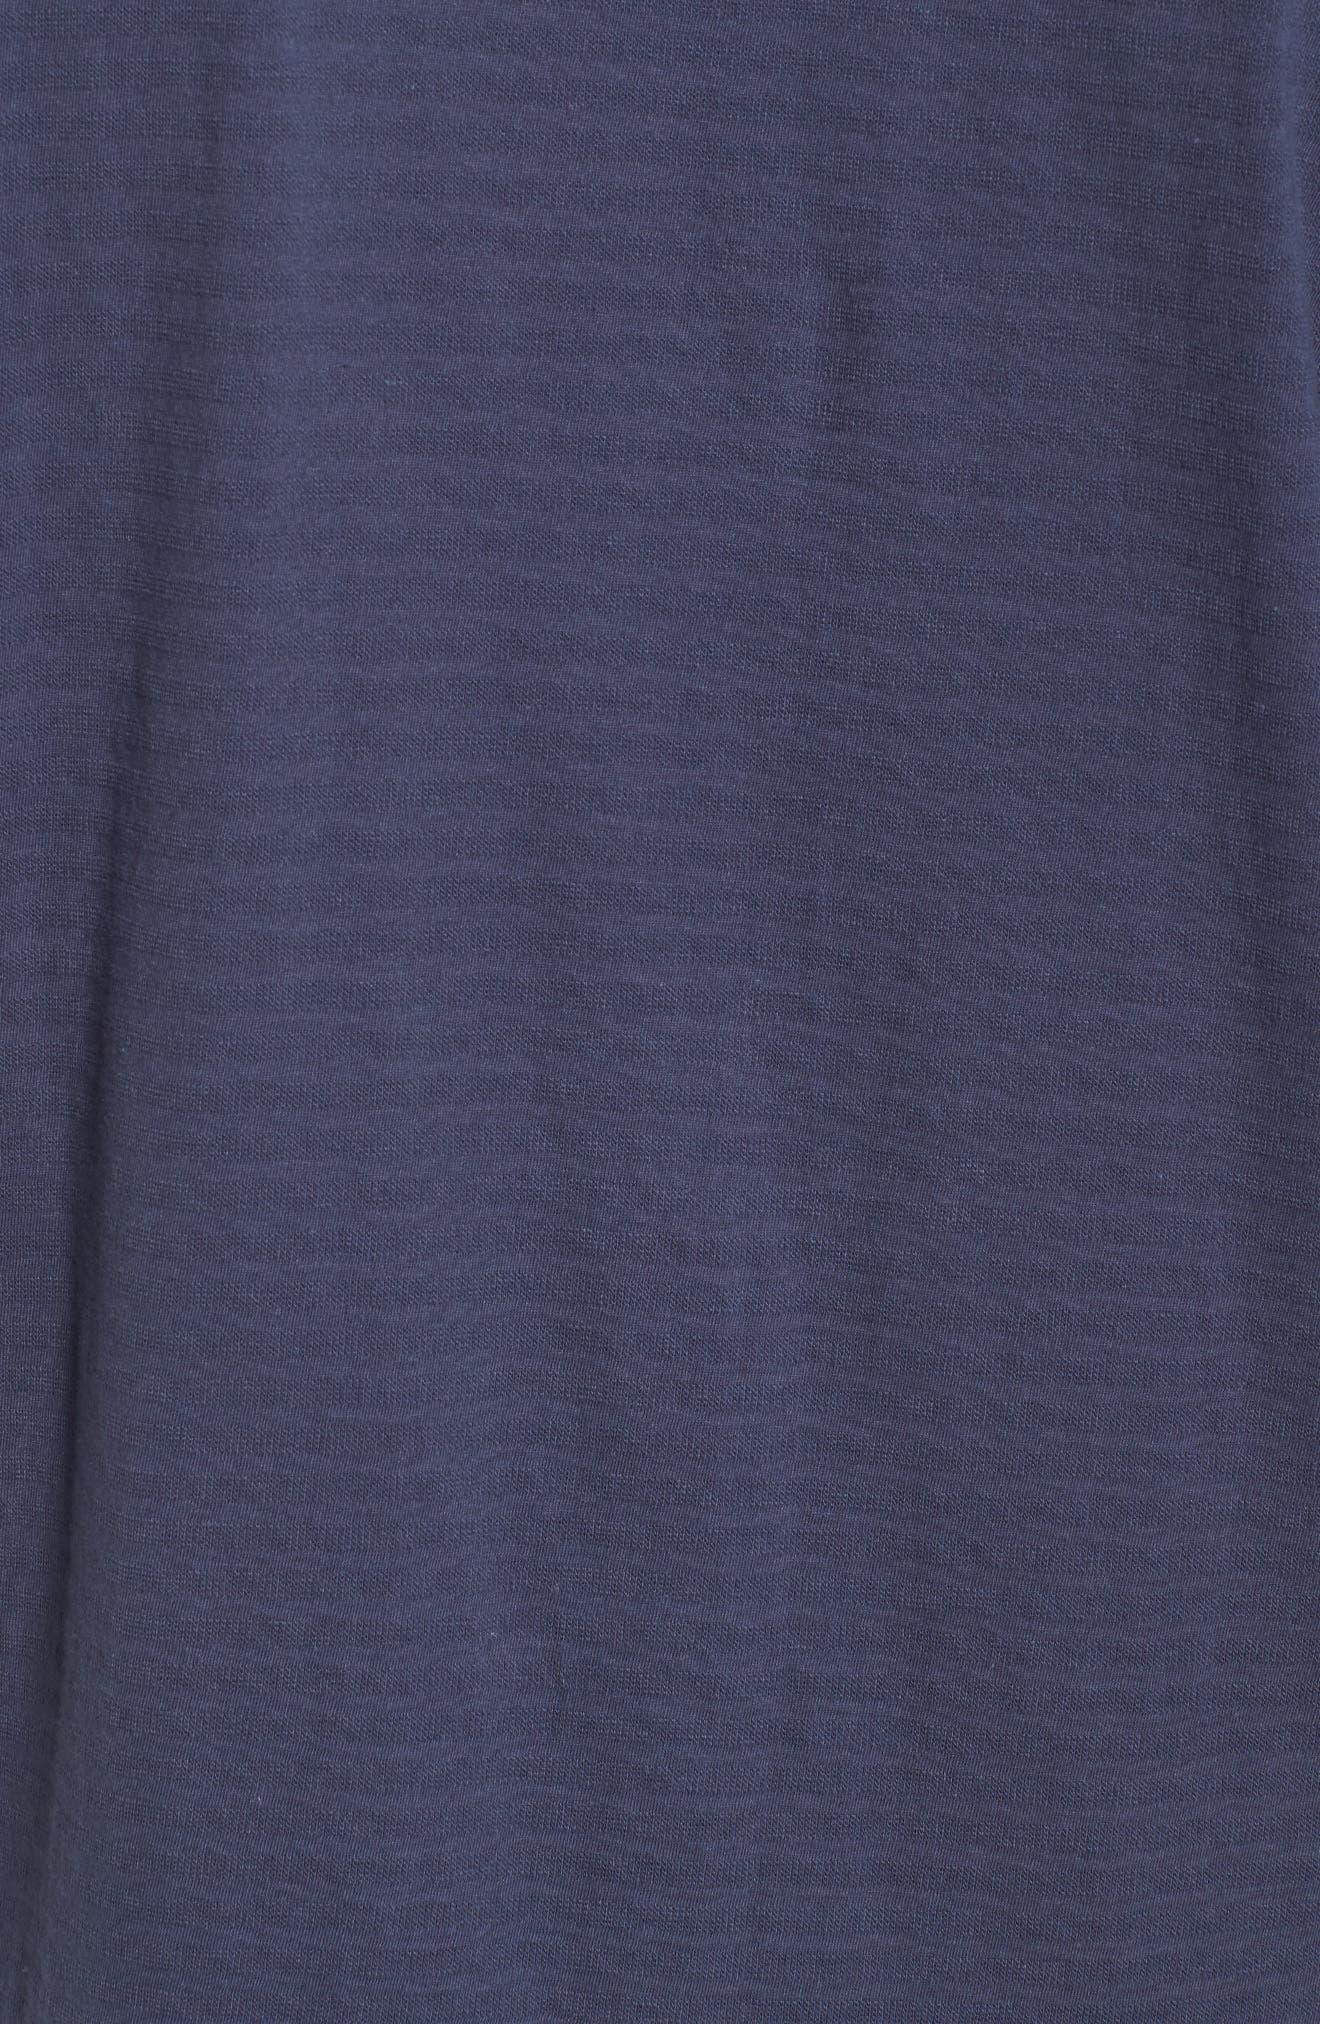 B. Elusive Pocket T-Shirt,                             Alternate thumbnail 5, color,                             Slate